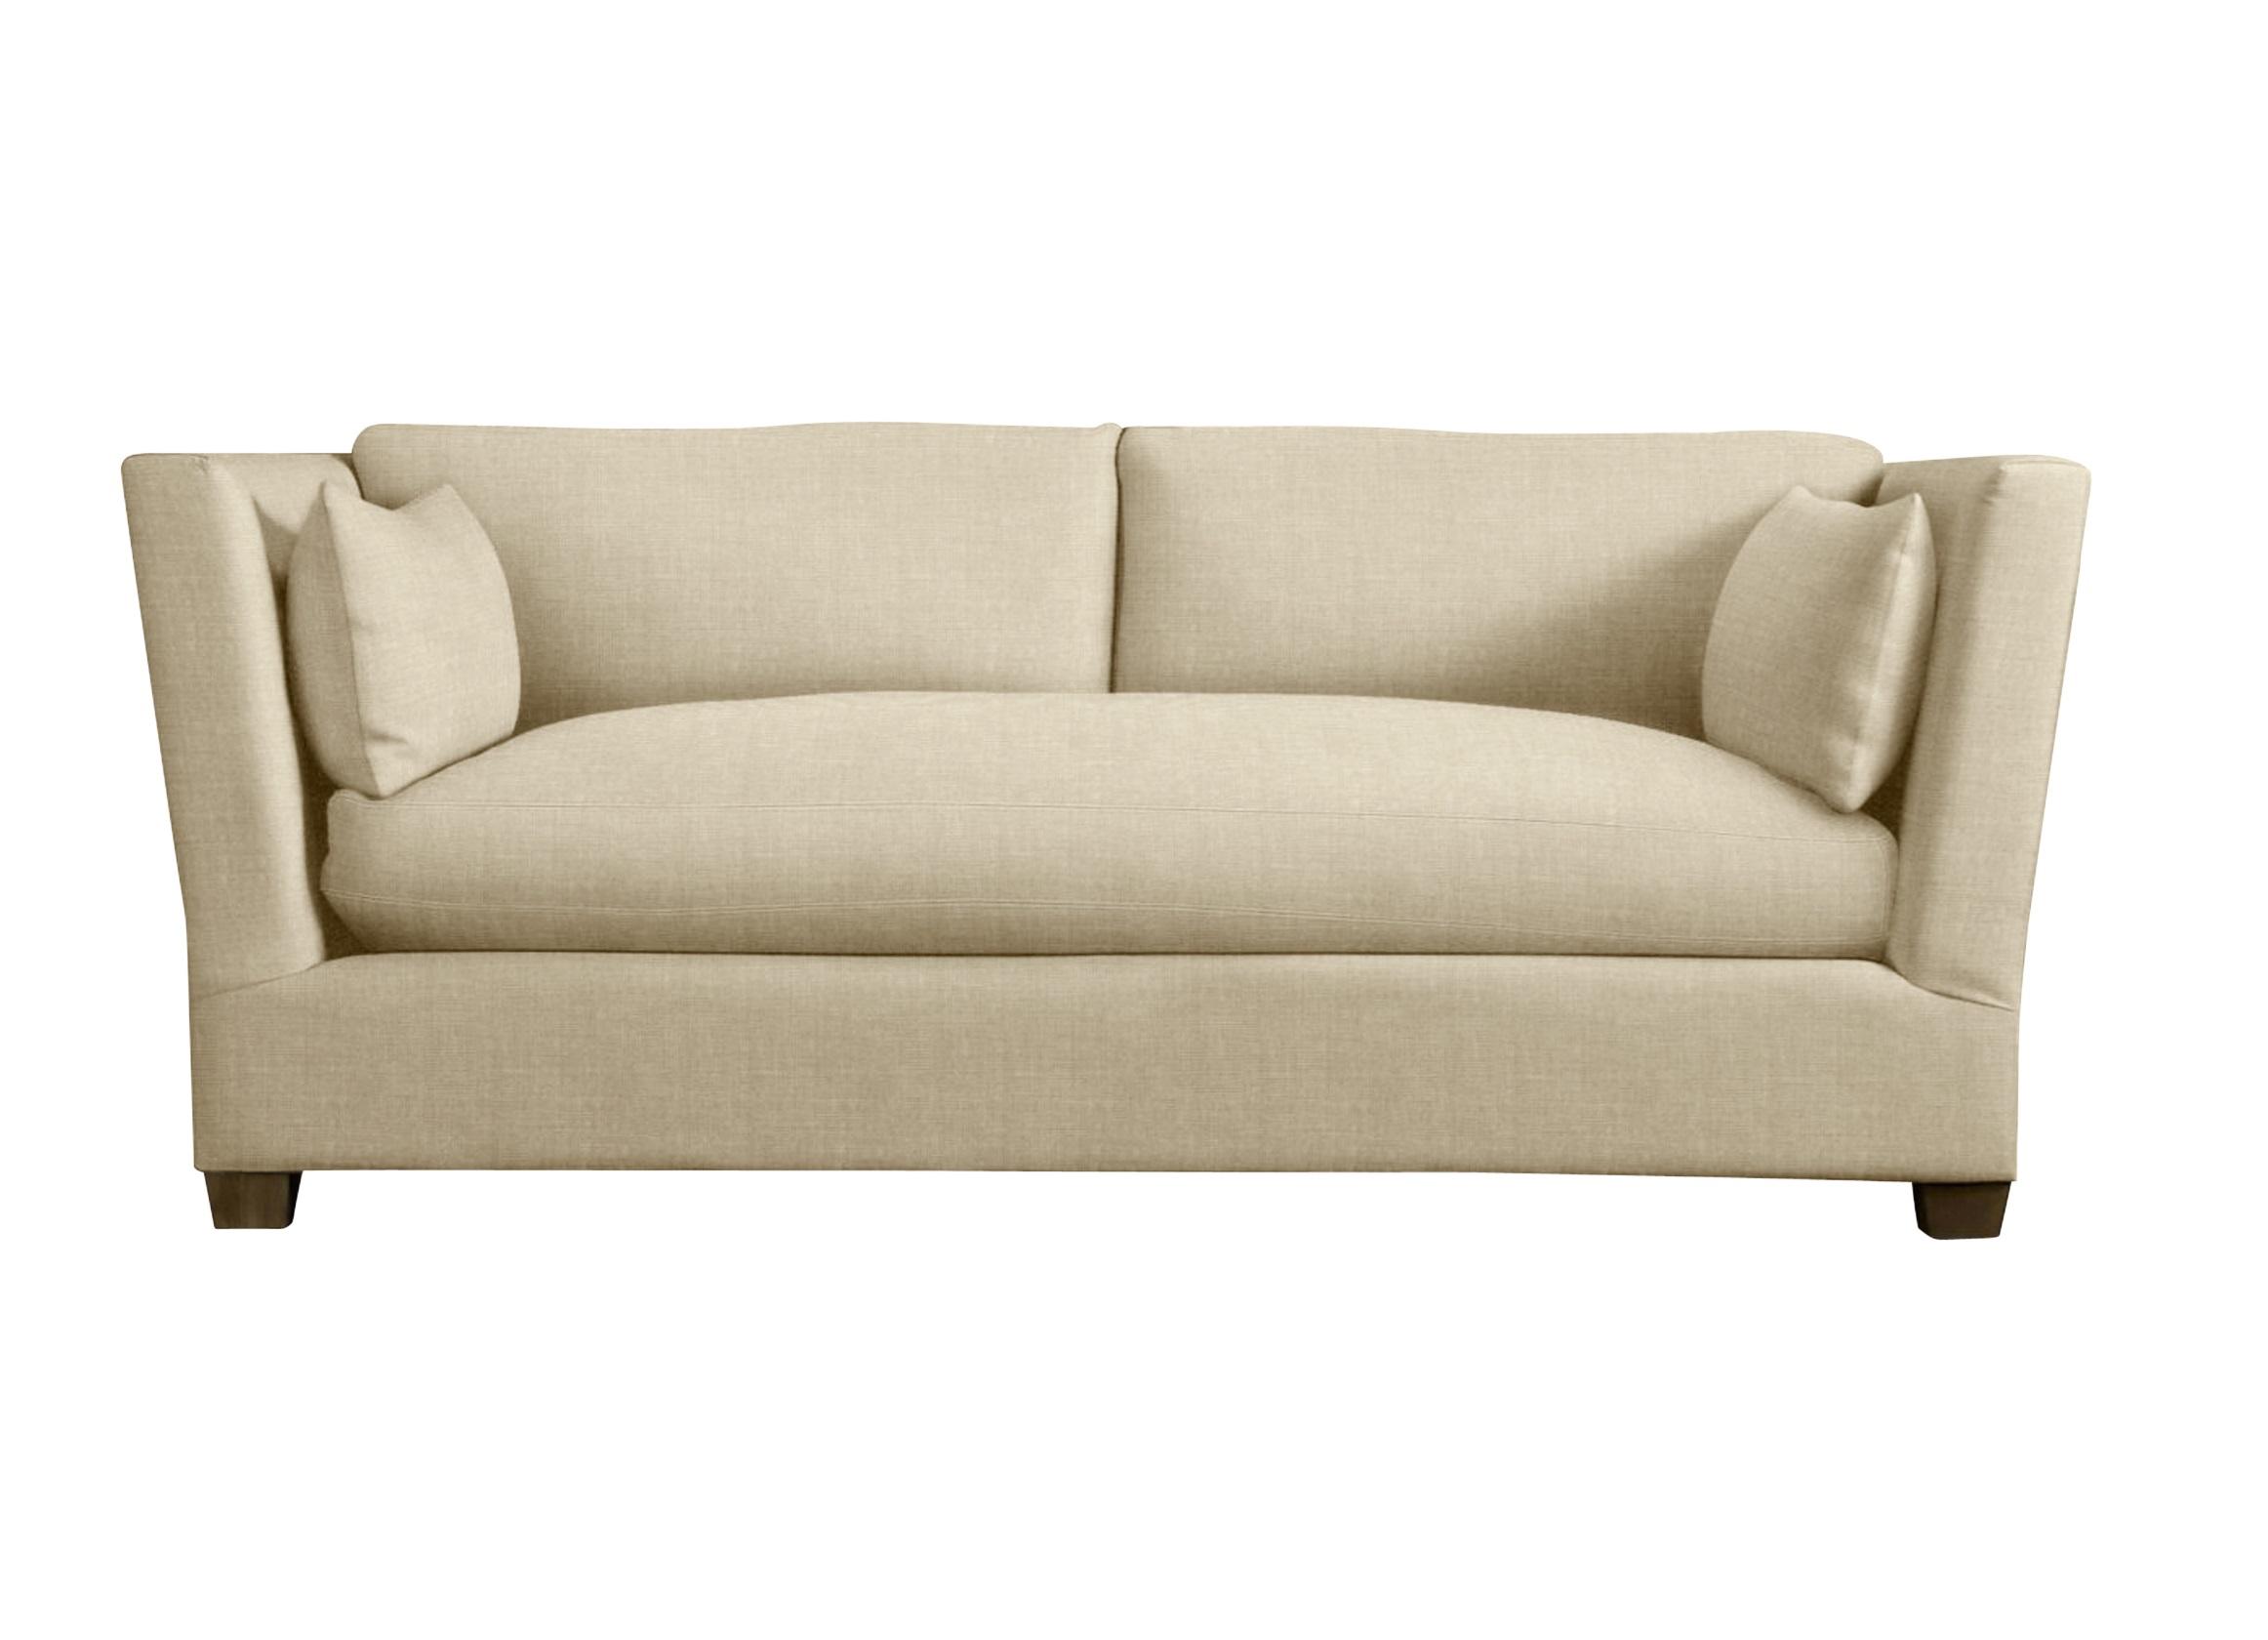 Диван Unico 184 смДвухместные диваны<br>&amp;lt;div&amp;gt;Настоящая акцентная вещь -- этот диван может стать центром композиции в вашей гостиной. Идеальное сочетание разных стилей: английские подлокотники на одном уровне со спинкой и американская лаконичность. Словно уютный кокон этот диван укроет вас от внешнего мира и никому не расскажет ваши секреты, ему вы можете довериться во всех отношениях! &amp;amp;nbsp; &amp;amp;nbsp; &amp;amp;nbsp; &amp;amp;nbsp; &amp;amp;nbsp; &amp;amp;nbsp; &amp;amp;nbsp; &amp;amp;nbsp; Гарантия: от производителя 1 год&amp;lt;/div&amp;gt;&amp;lt;div&amp;gt;&amp;lt;br&amp;gt;&amp;lt;/div&amp;gt;&amp;lt;div&amp;gt;Материалы: бук, текстиль&amp;lt;/div&amp;gt;&amp;lt;div&amp;gt;&amp;lt;br&amp;gt;&amp;lt;/div&amp;gt;&amp;lt;div&amp;gt;Варианты исполнения: более 200 цветов ткани высокой категории&amp;amp;nbsp;&amp;lt;/div&amp;gt;<br><br>Material: Текстиль<br>Width см: 184<br>Depth см: 94<br>Height см: 79